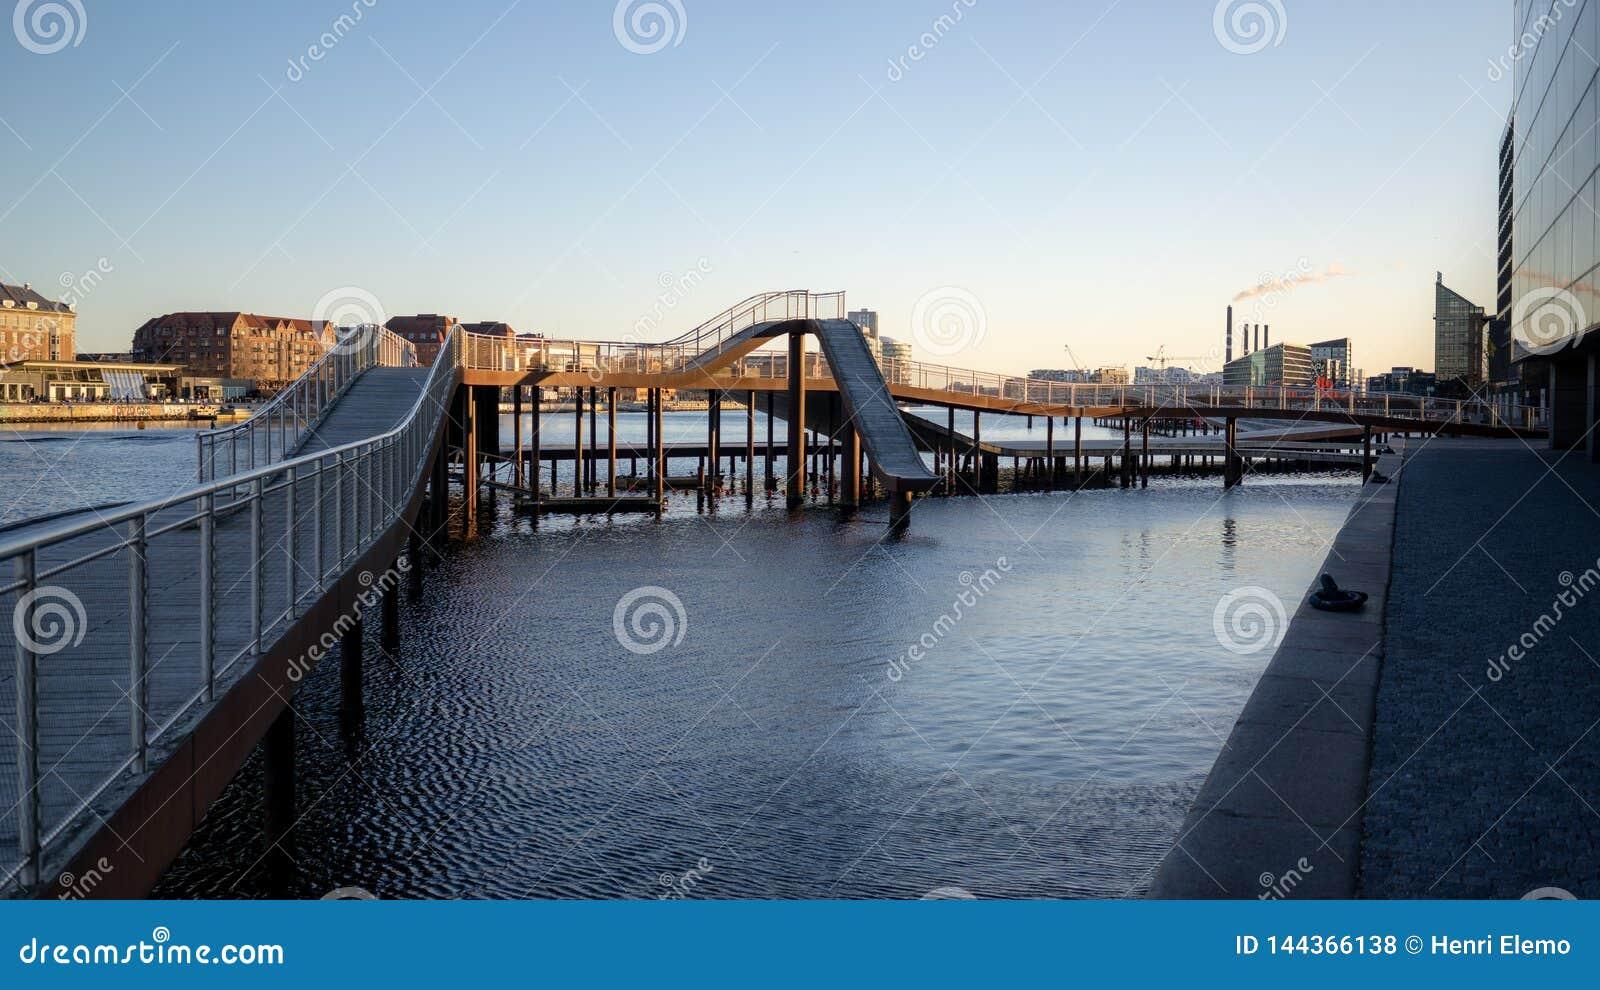 Copenhagen, Denmark - April 1, 2019: Kalvobod bridge which is a modern structure